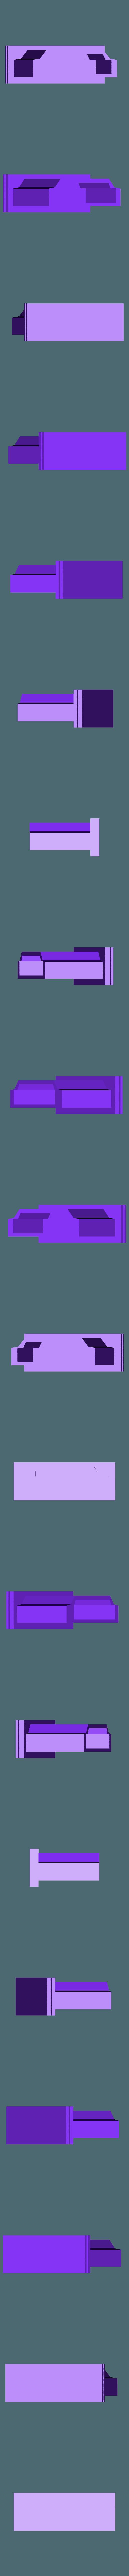 HDMI_port_cover.stl Télécharger fichier STL gratuit Couverture du port HDMI • Design pour impression 3D, martifaig